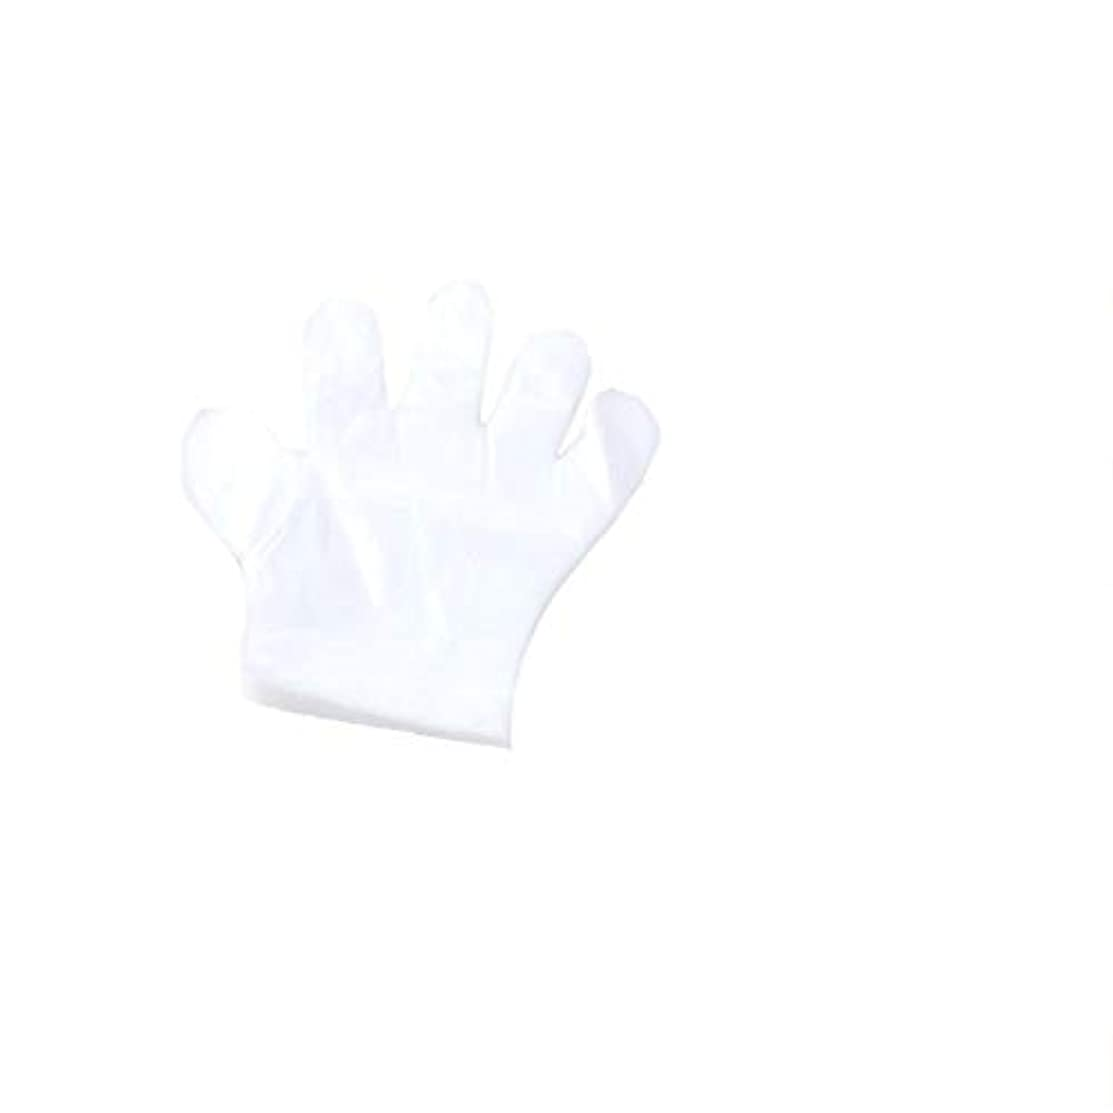 どういたしましてカセット大臣手袋は、2000年の食品グレードの家庭用の透明プラスチック使い捨て手袋でのみ厚くなっています。 (UnitCount : 2000*2000)